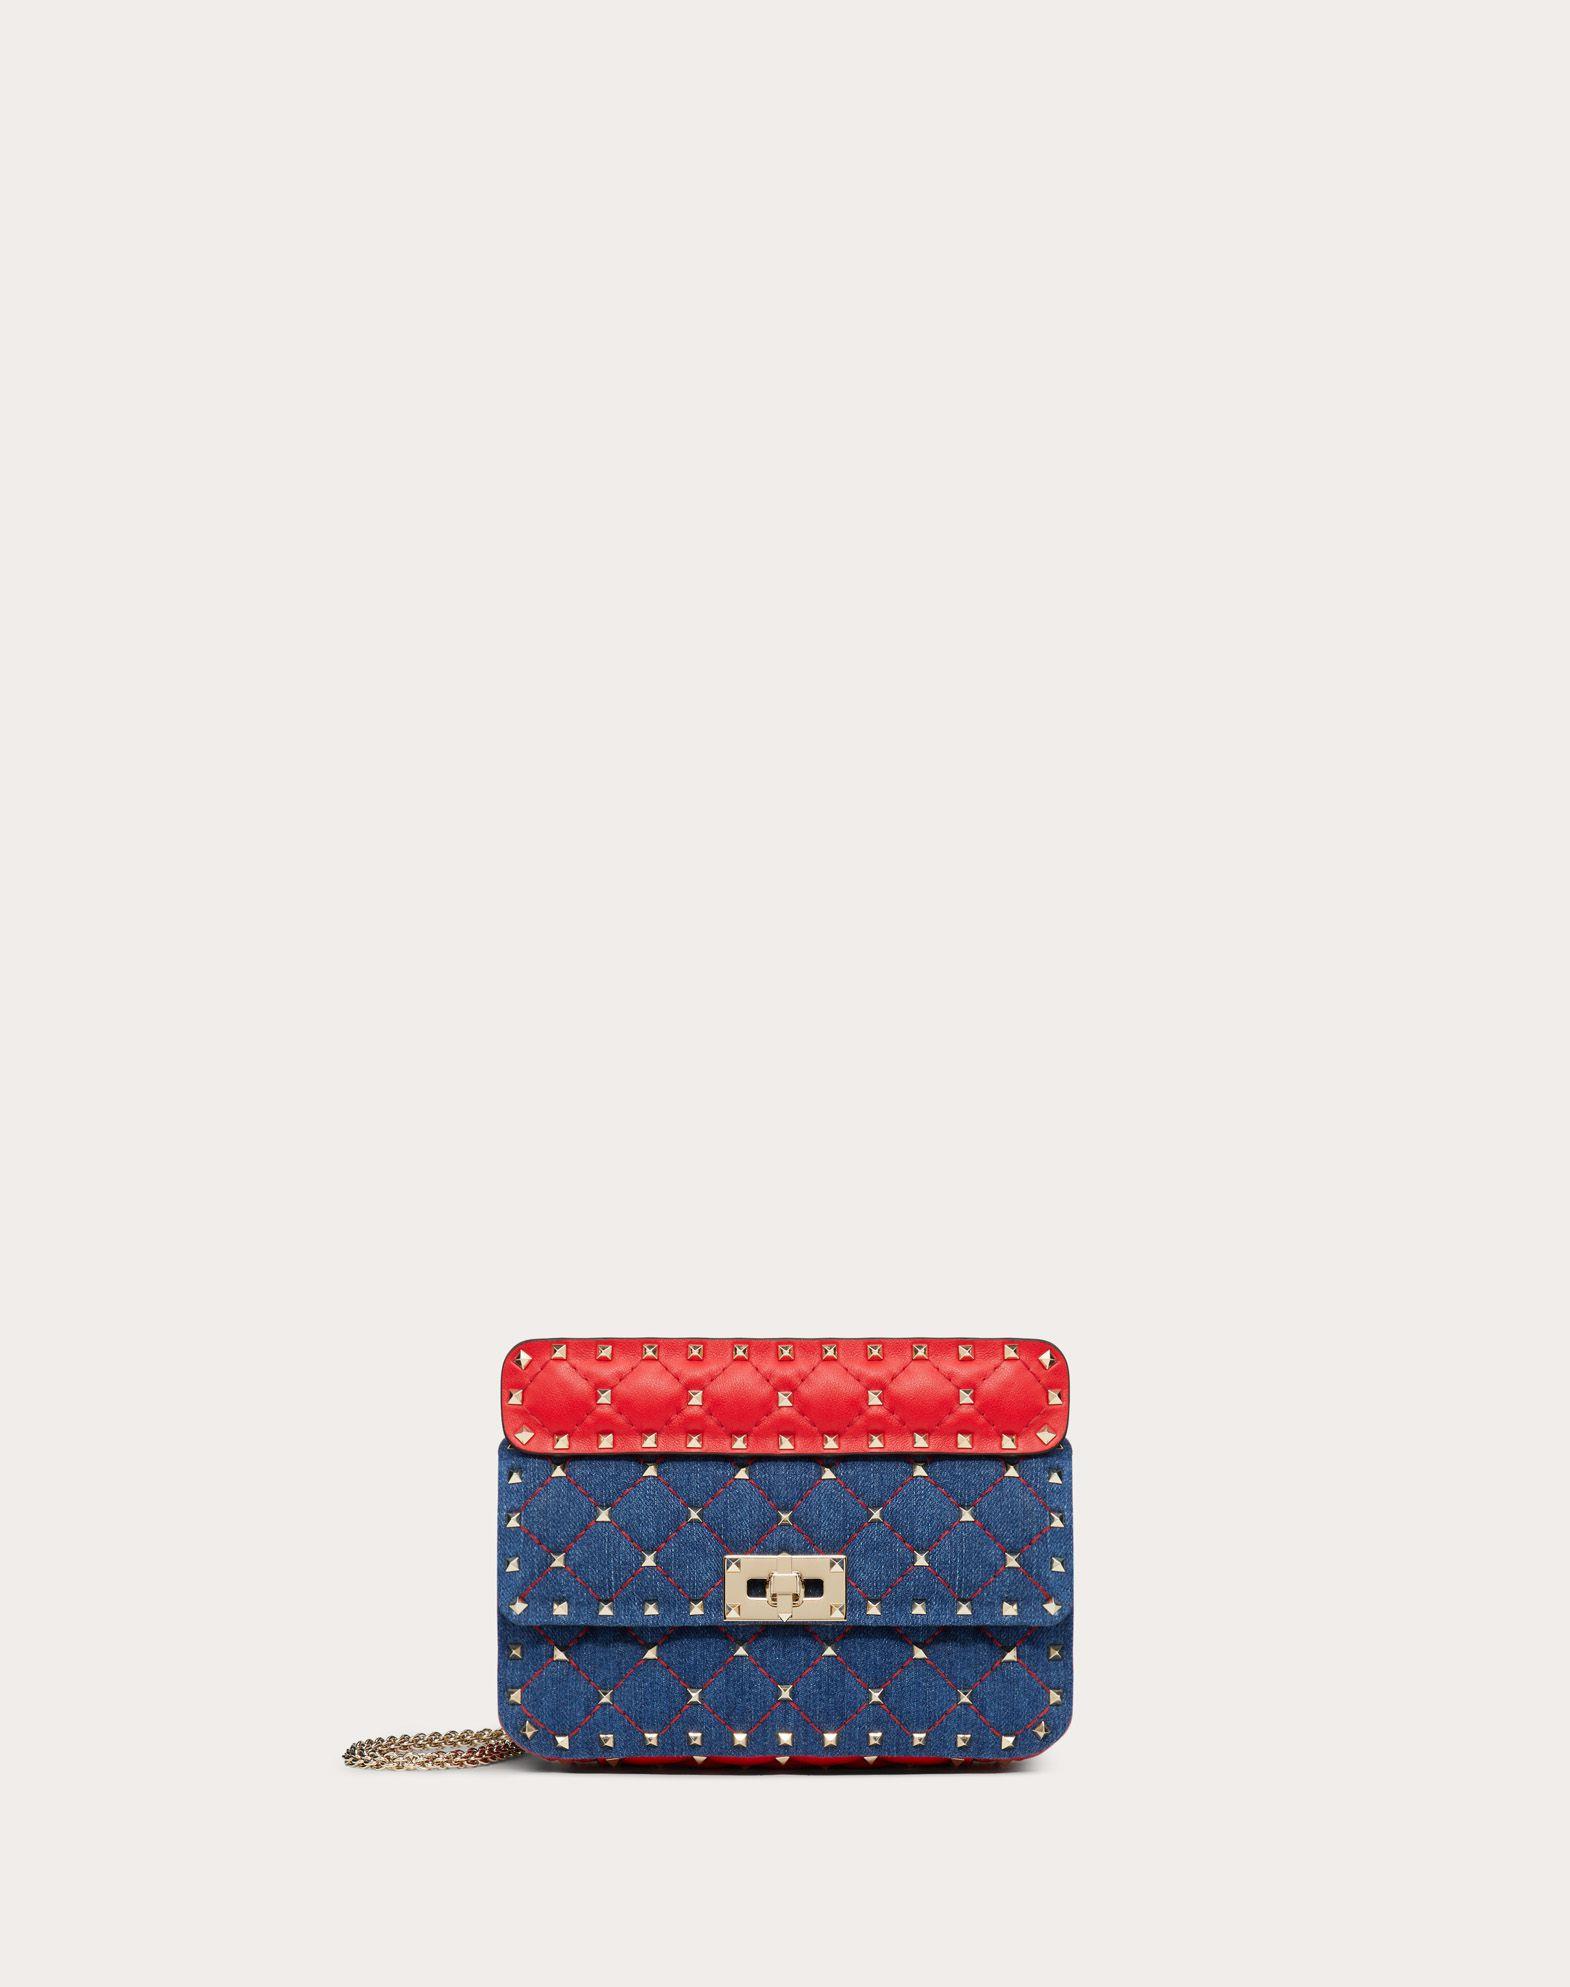 Small Rockstud Spike Denim Bag